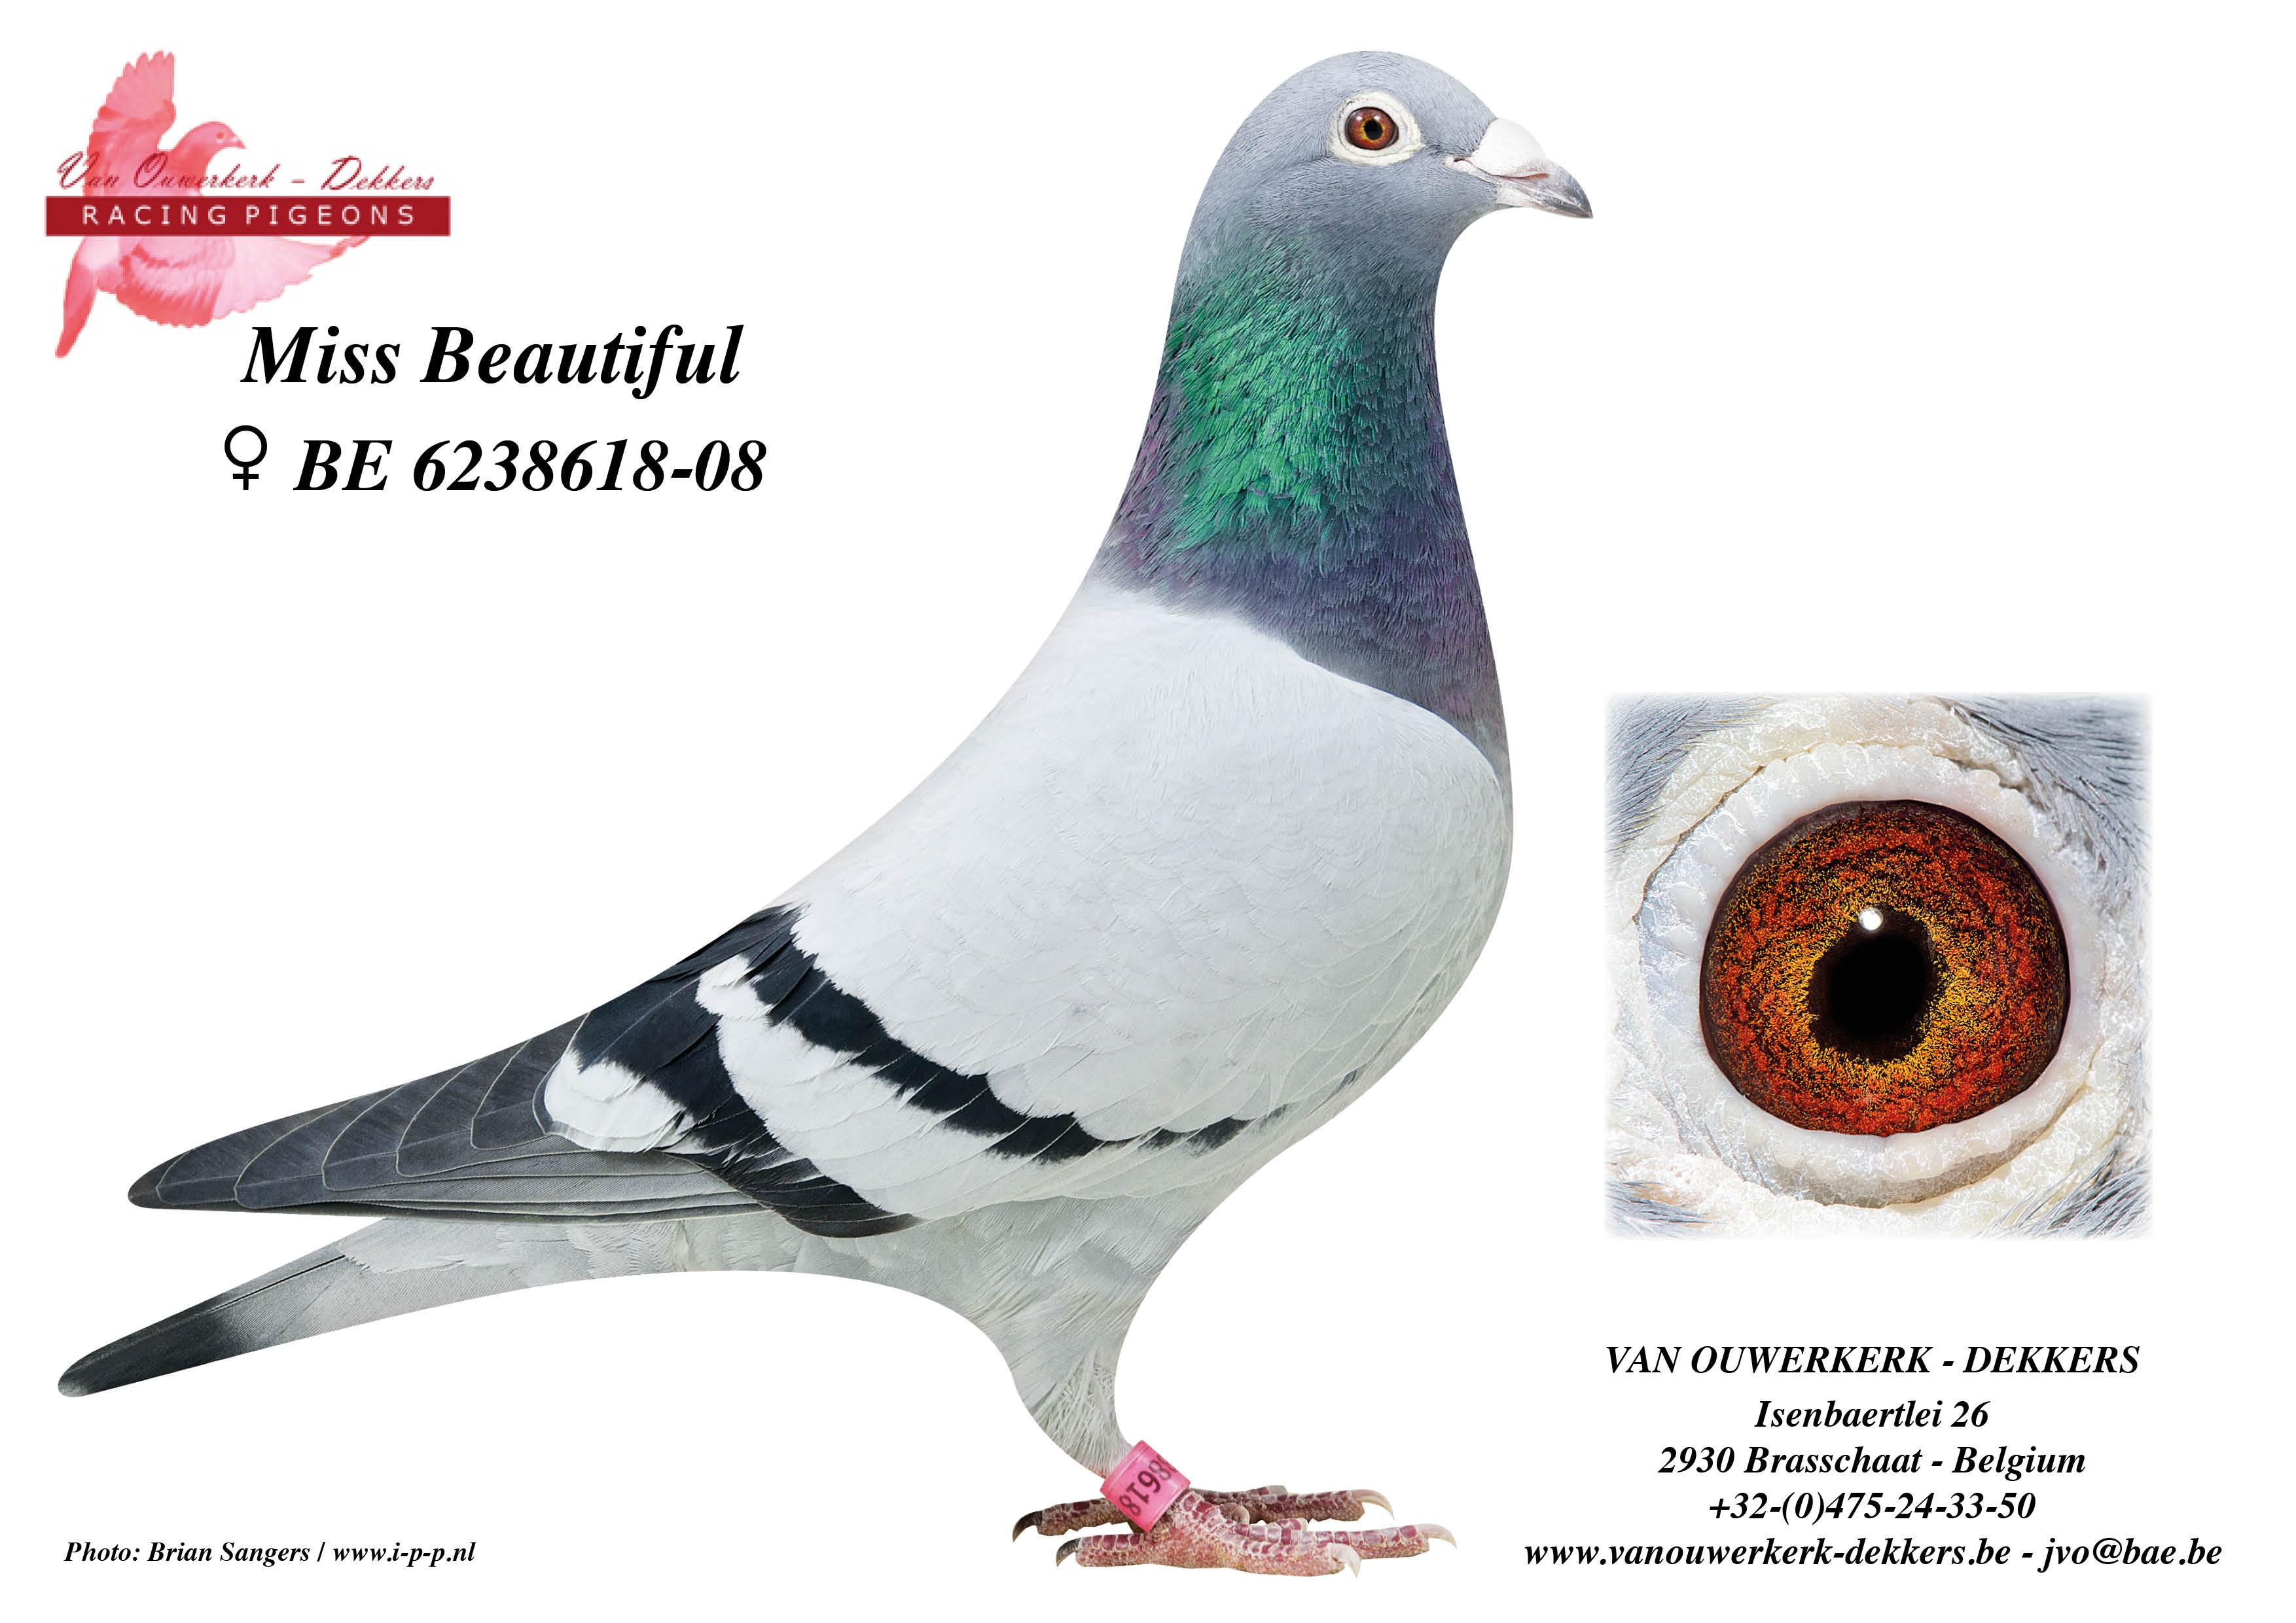 Van Ouwerkerk-Dekkers Racing Pigeons